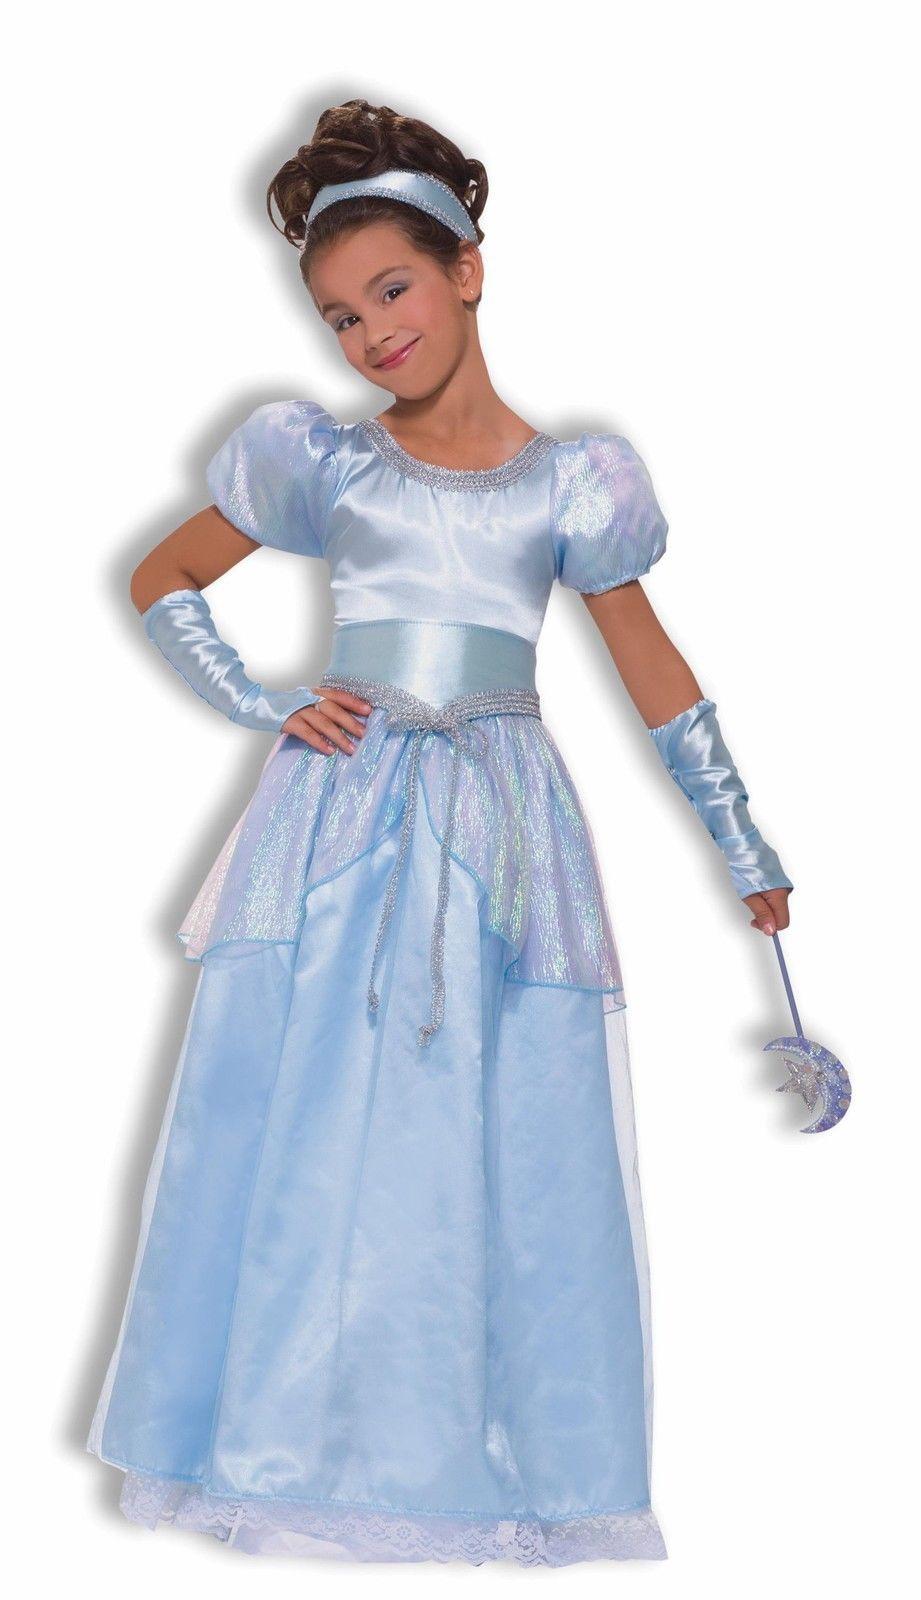 Halloween Kleider Fur Kinder.Details Zu Prinzessin Cinderella Blau Ballkleid Kleid Kinder Madchen Halloween Kostum